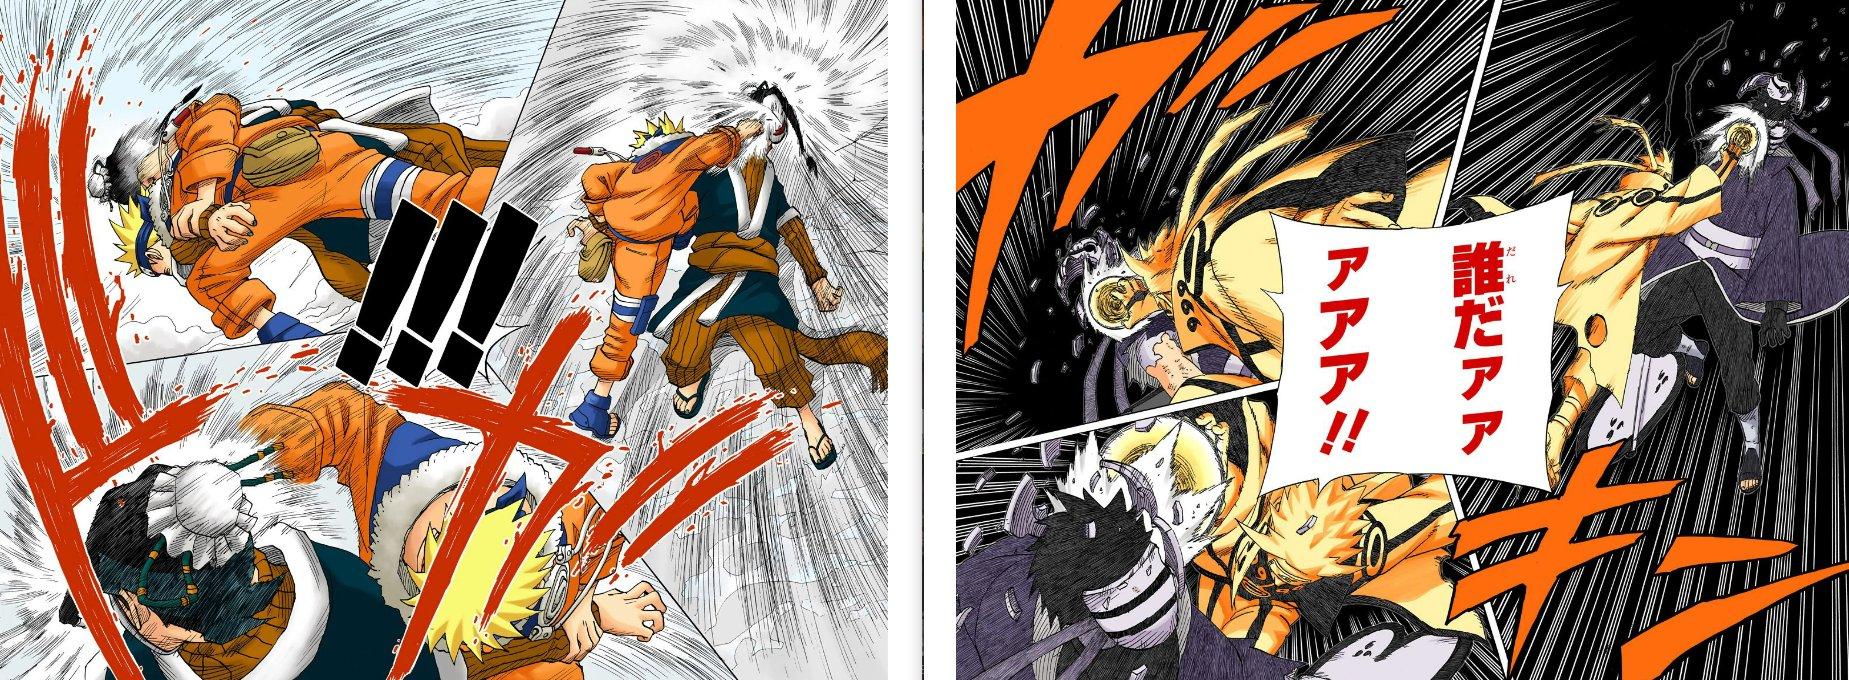 Personagens de Naruto desenhados por Ikemoto enquanto o manga Naruto ainda estava em lançamento - Página 2 Eyiexq10